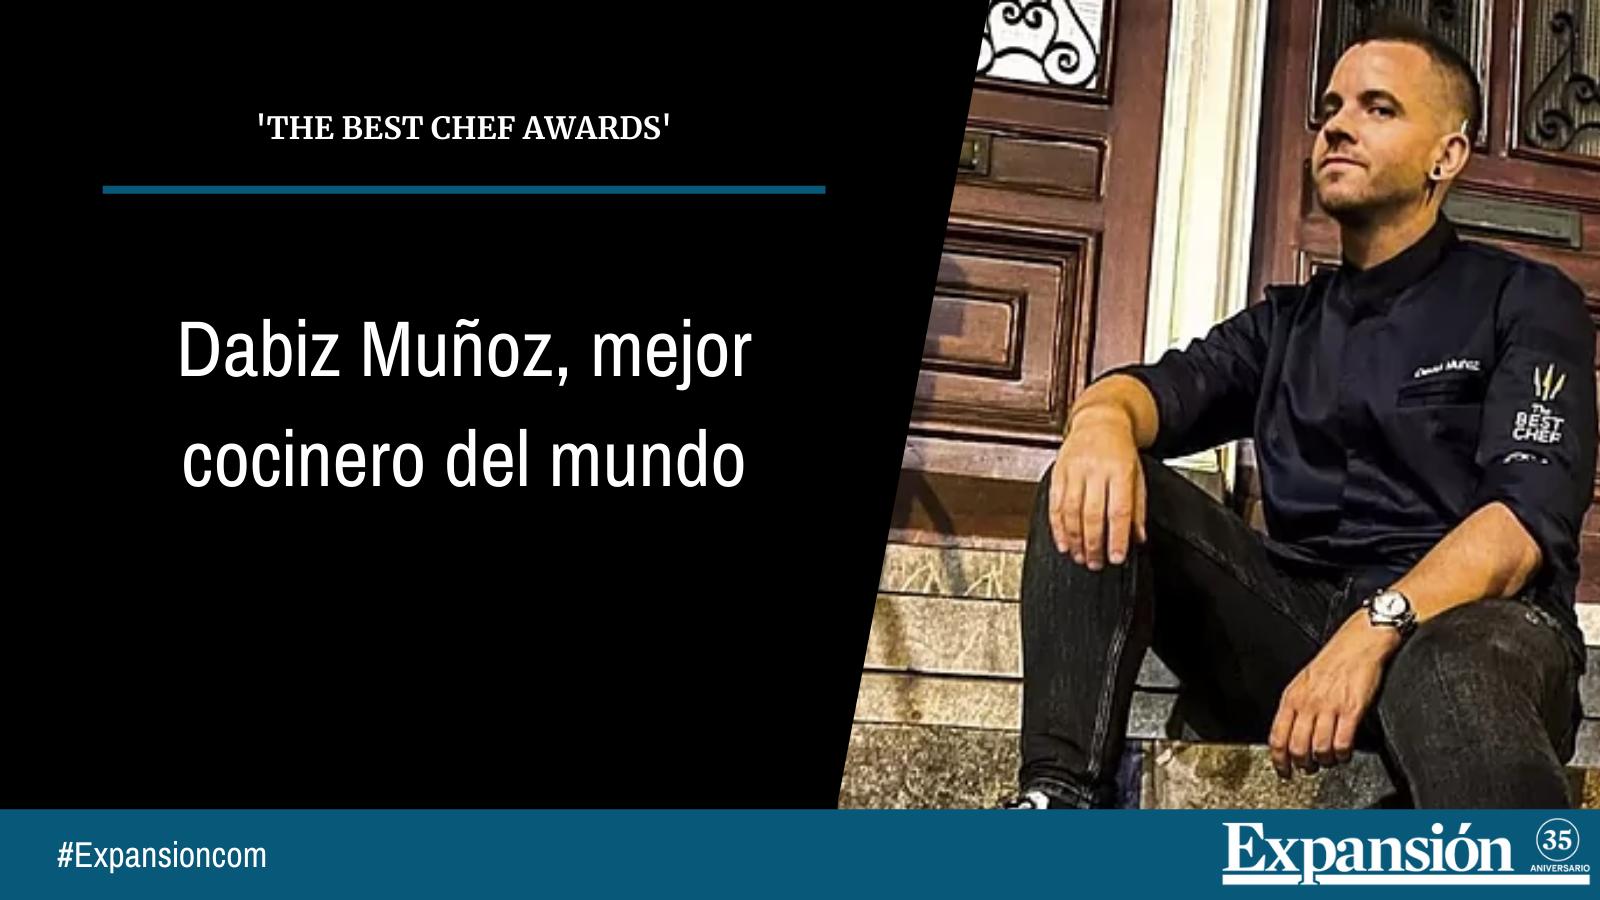 Dabiz Muñoz, mejor cocinero del mundo